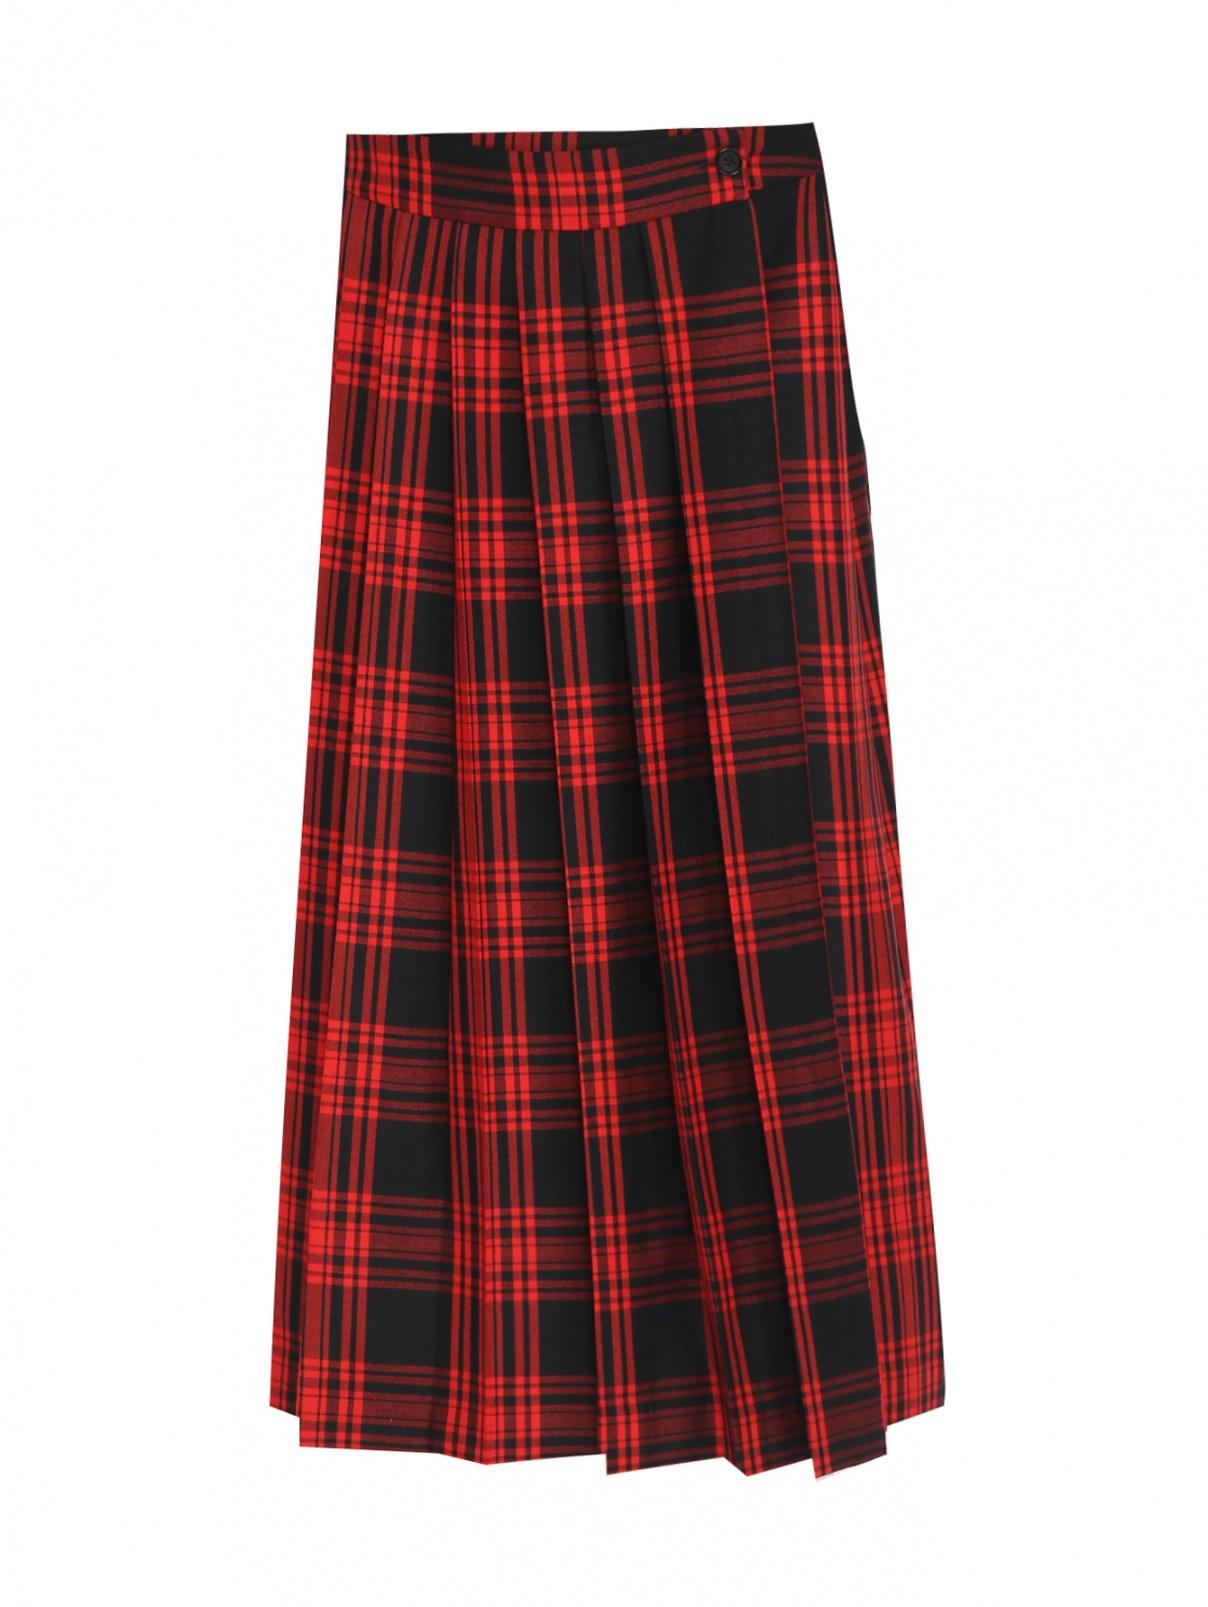 Плиссированная юбка из шерсти в клетку P.A.R.O.S.H.  –  Общий вид